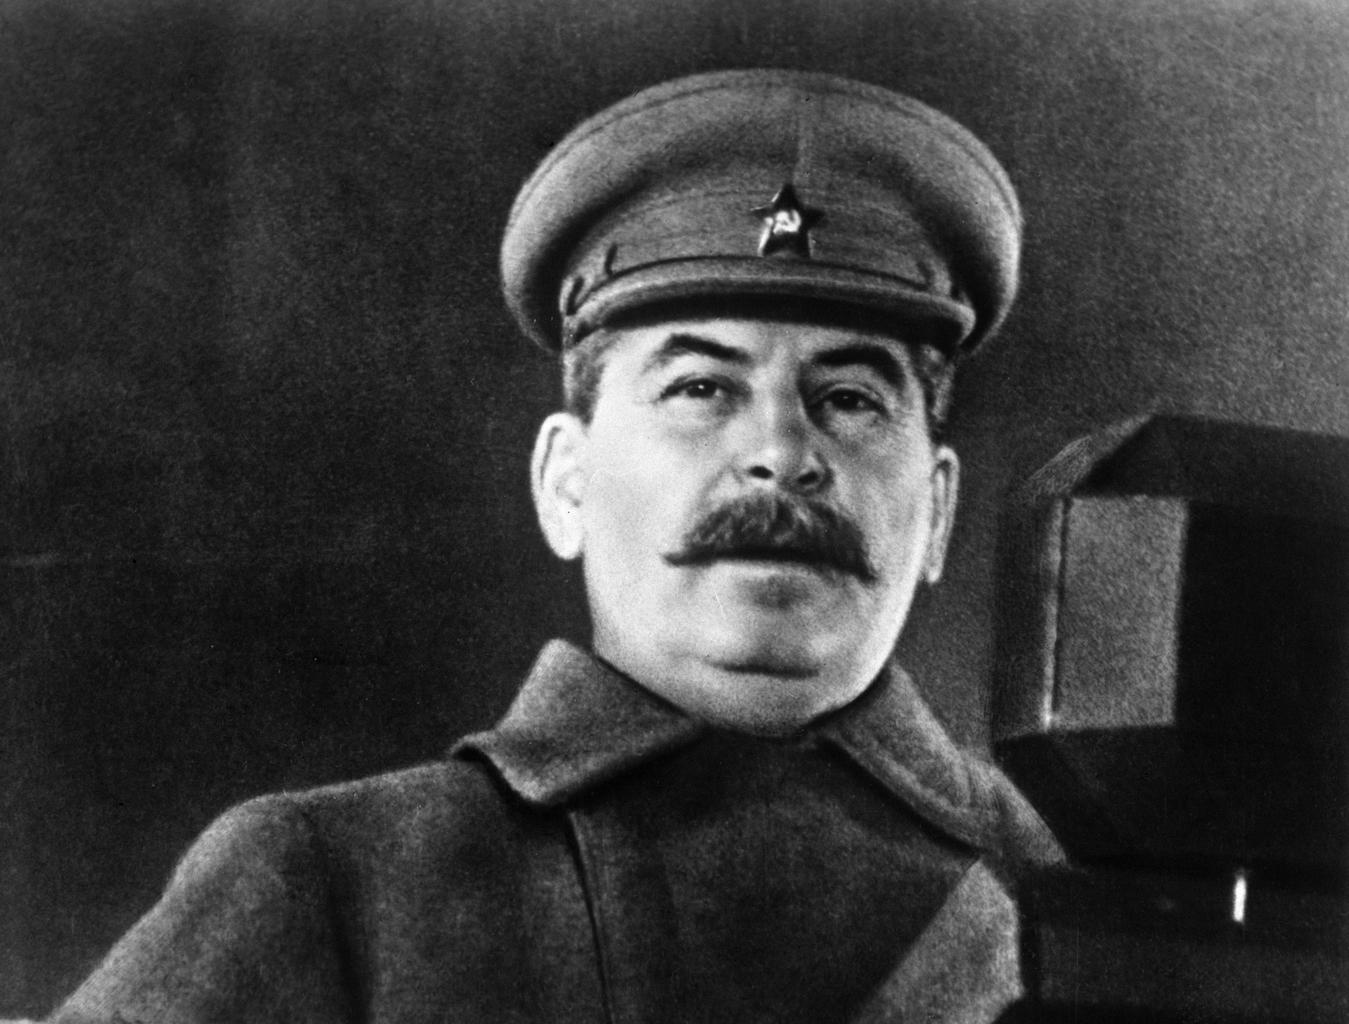 """""""Ám Sztálin beszédének kétségtelenül az volt a legfontosabb része, hogy honvédő háborút hirdetett a haza védelmében"""" #moszkvater"""